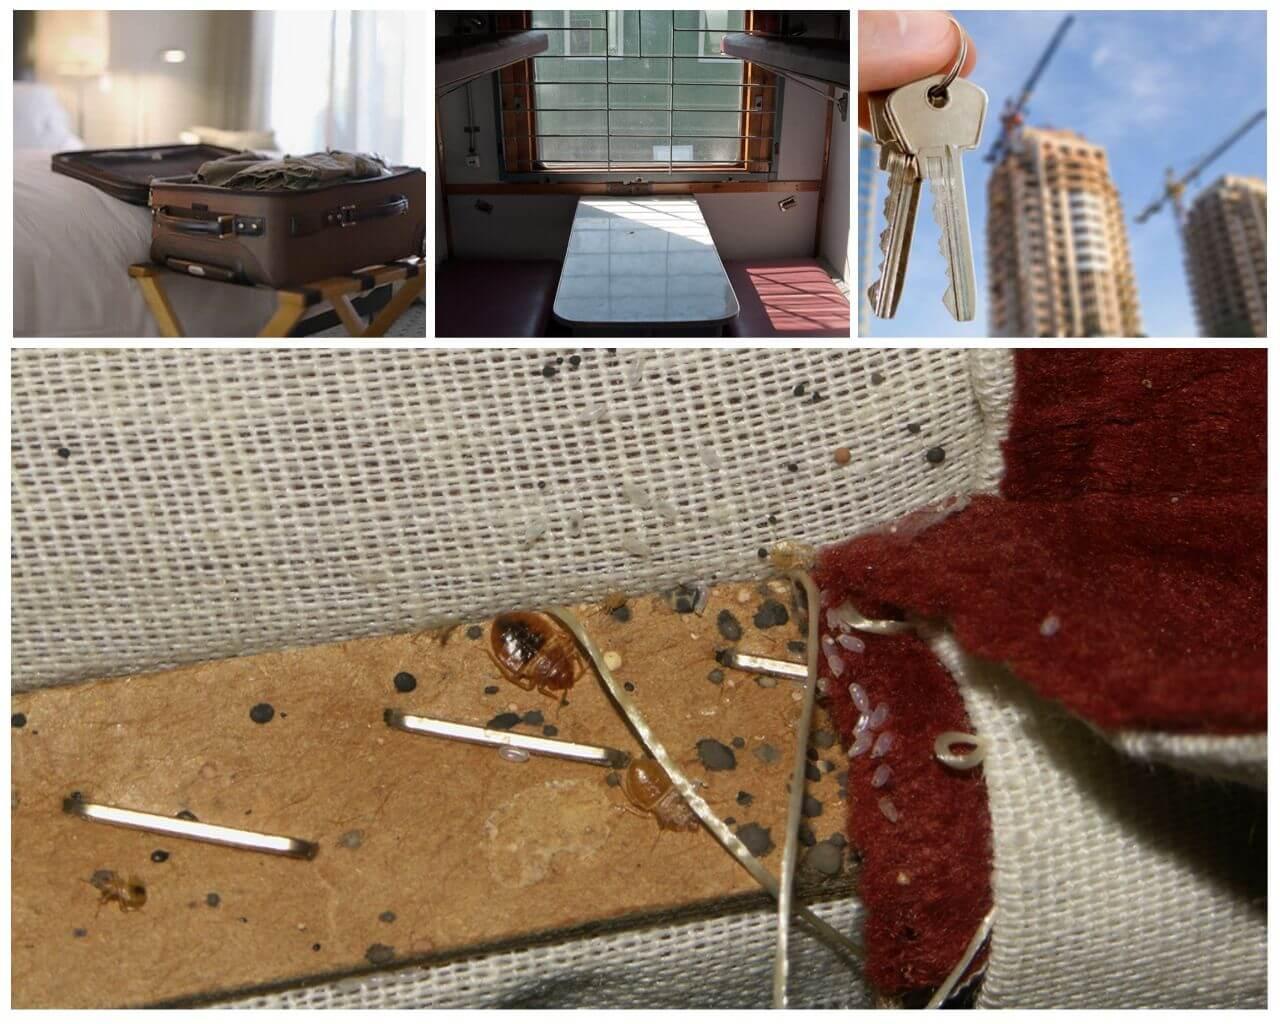 ❶ как найти и обнаружить постельных клопов в квартире и в доме самостоятельно и узнать есть ли клопы дома?